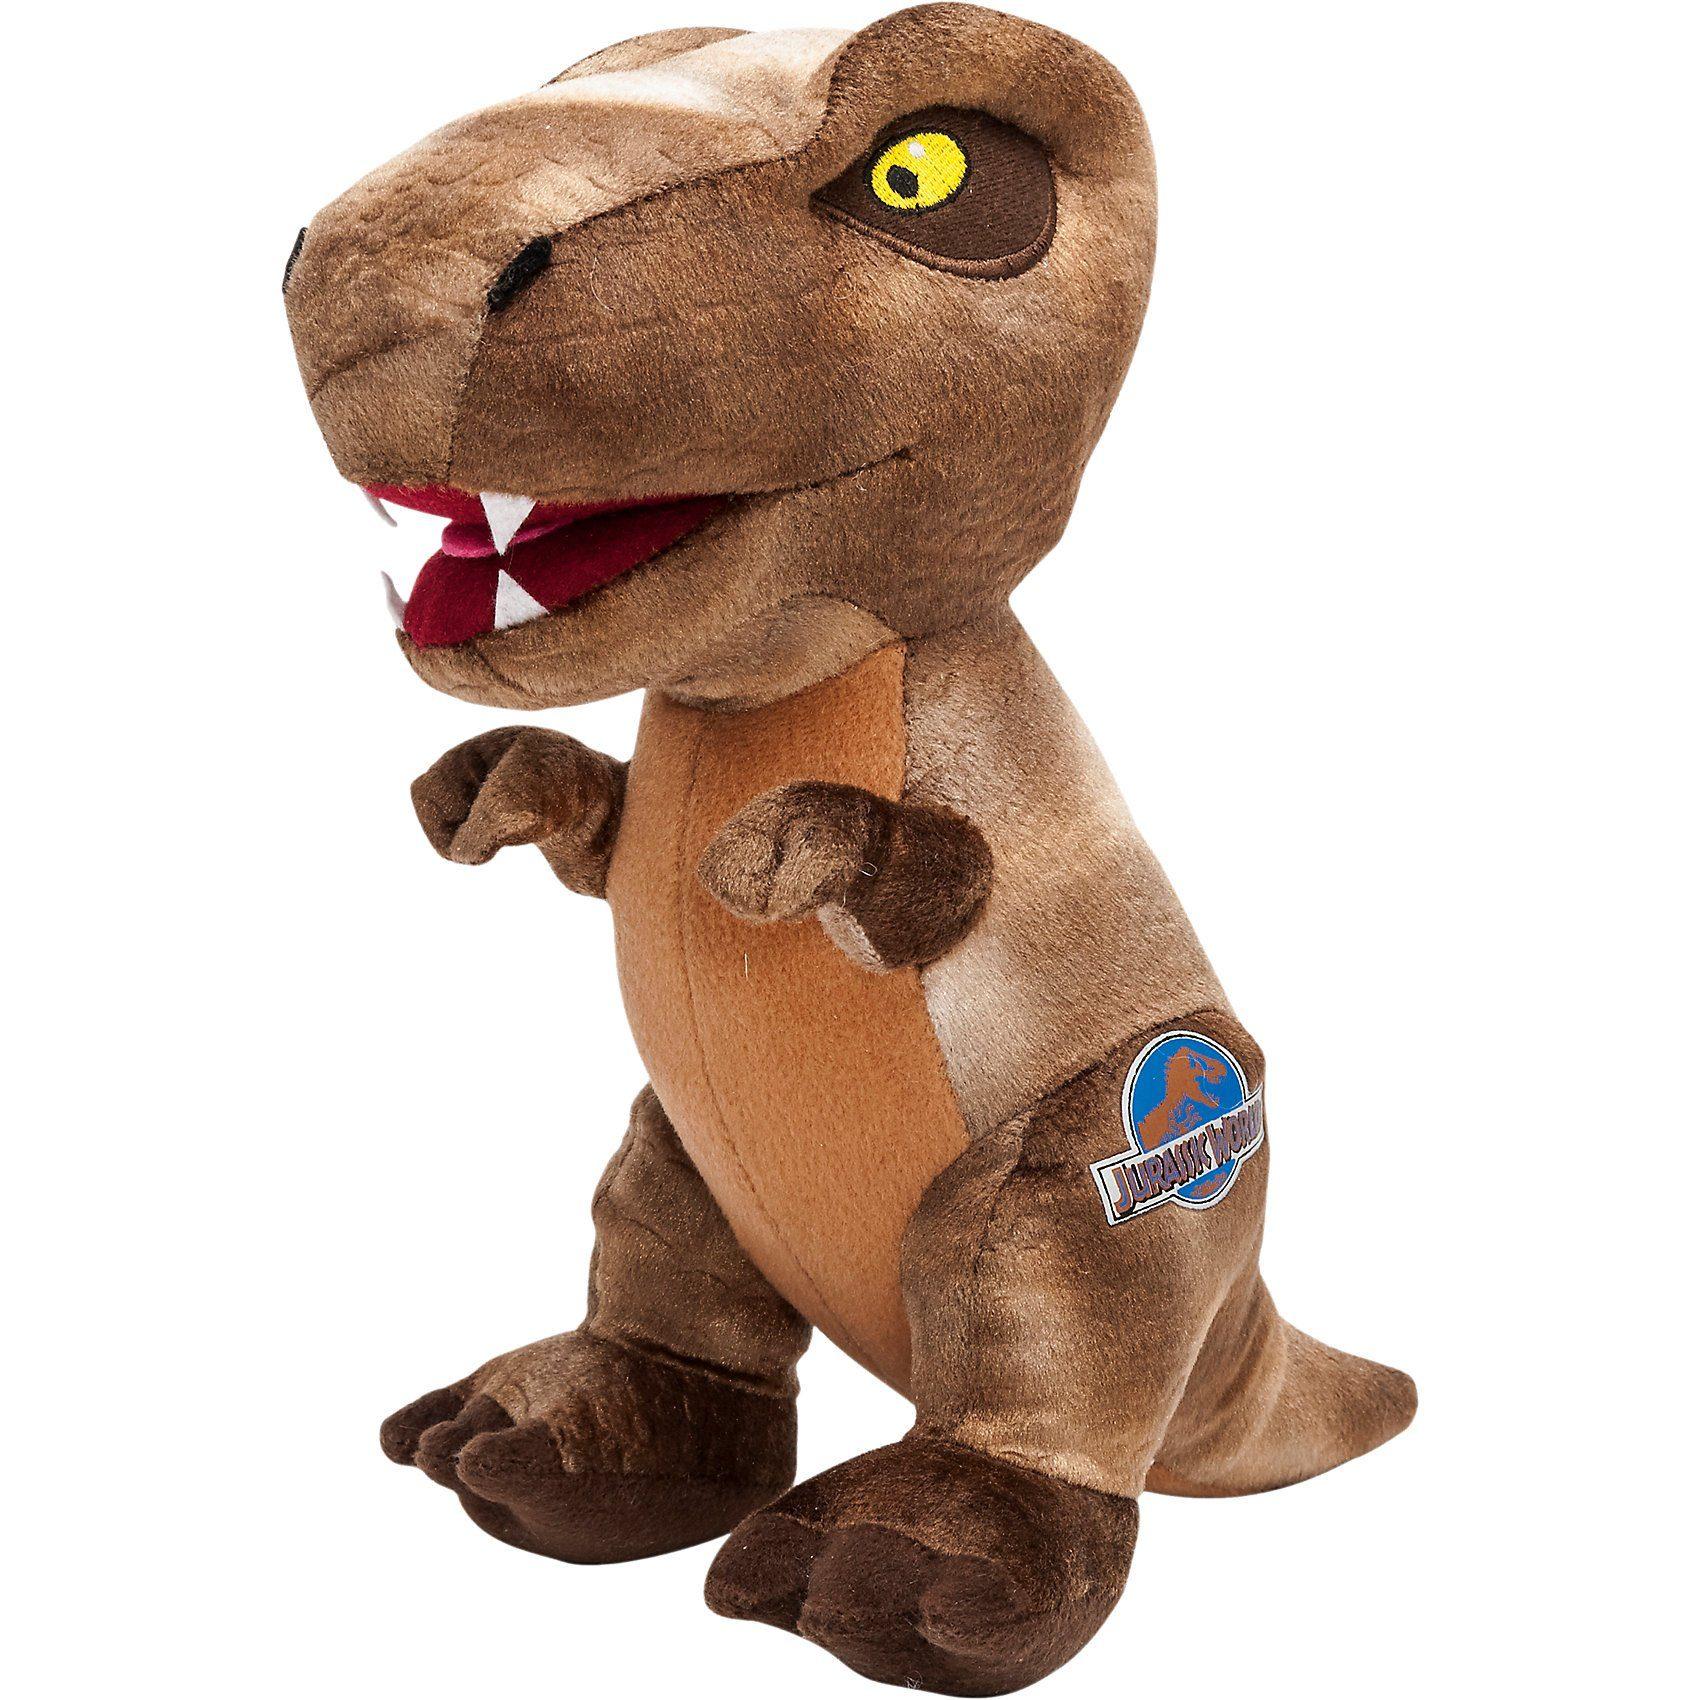 JOY TOY Plüschtier T-Rex, 27 cm